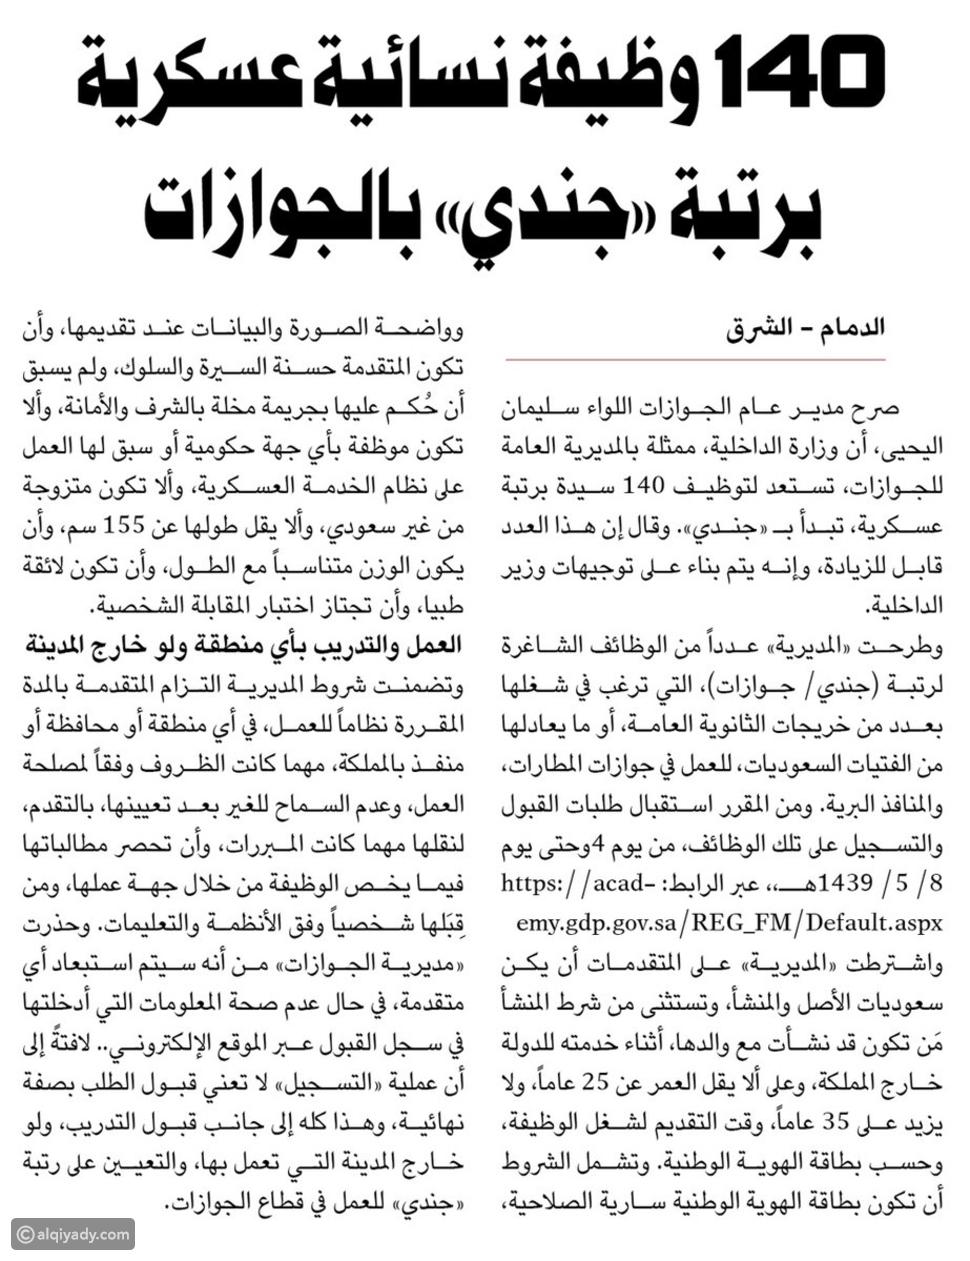 الوظائف العسكرية المتاحة للسعوديات